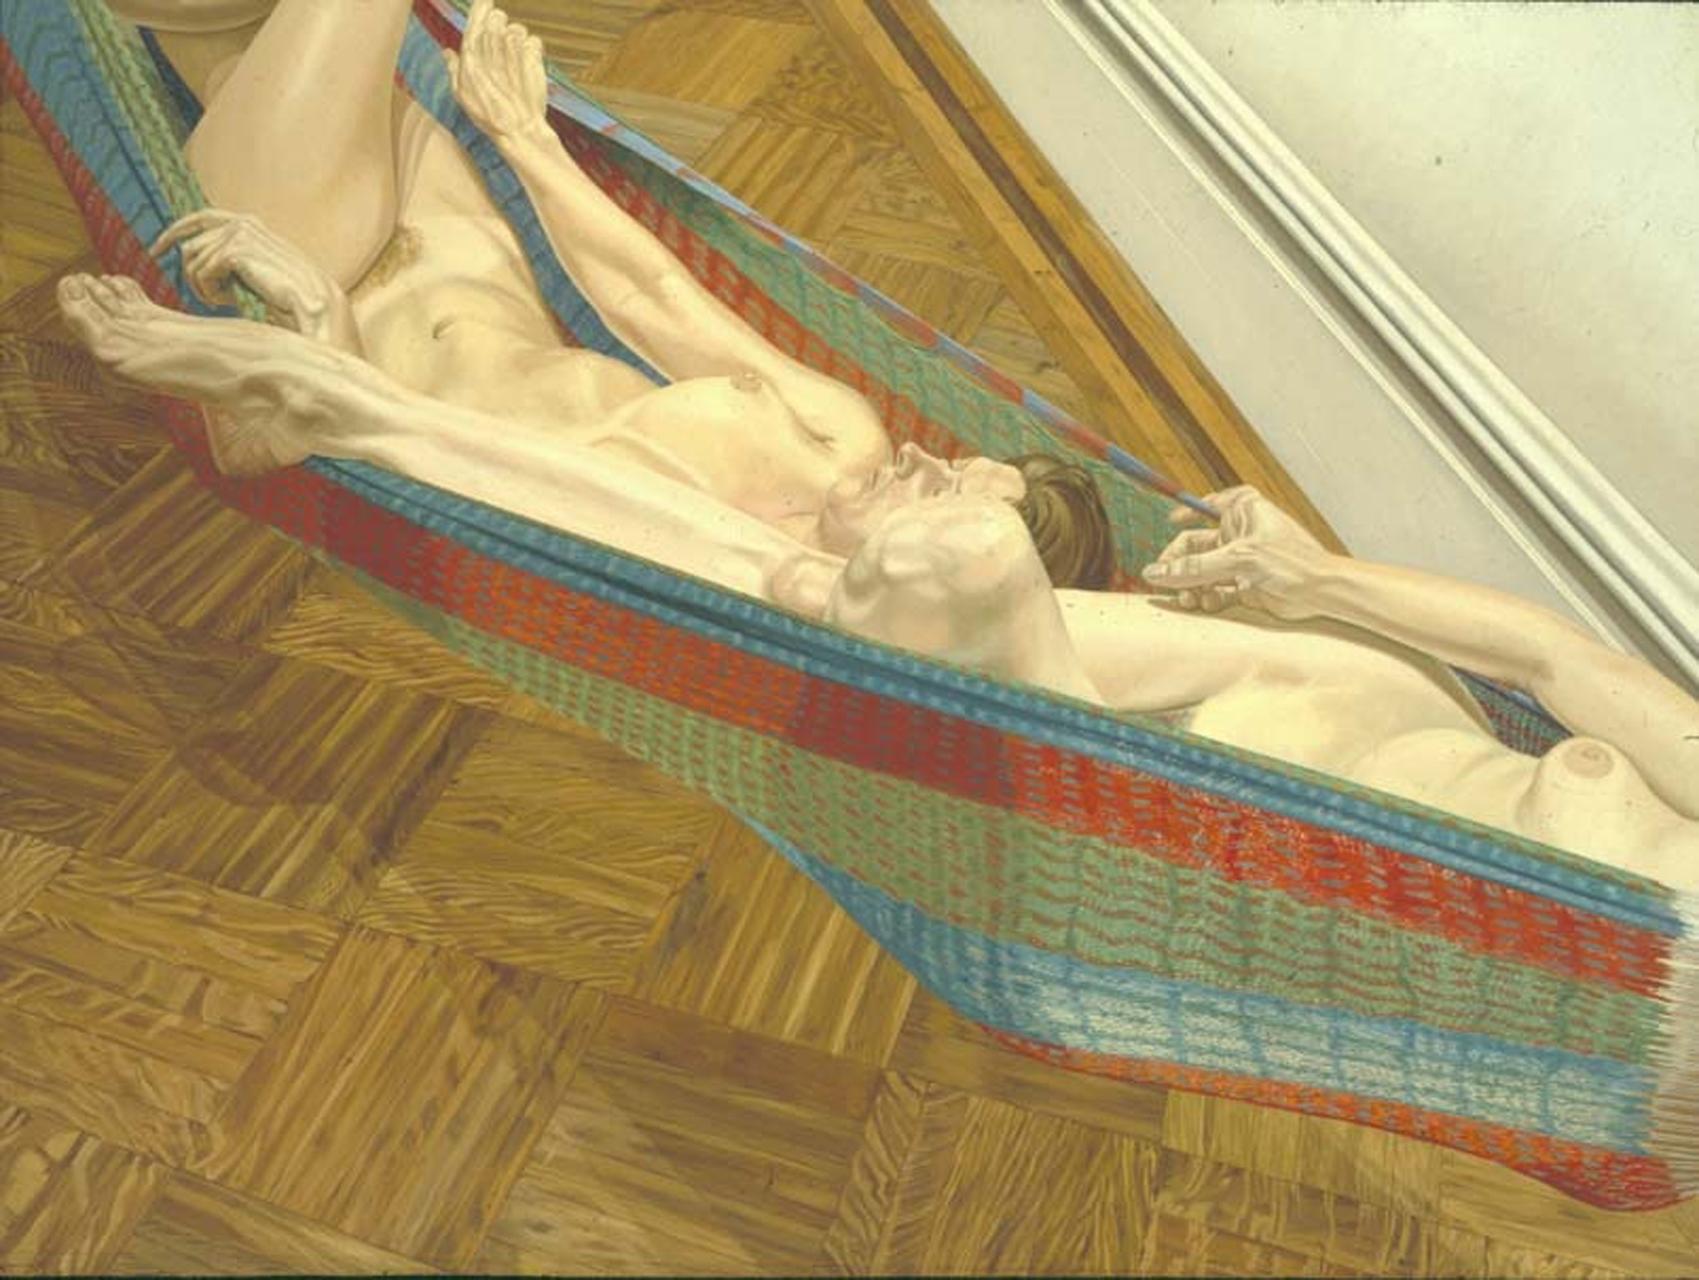 Philip Pearlstein, Two Female Models in Hammock, 1978, Öl auf Leinwand, 183 x 244,5 cm